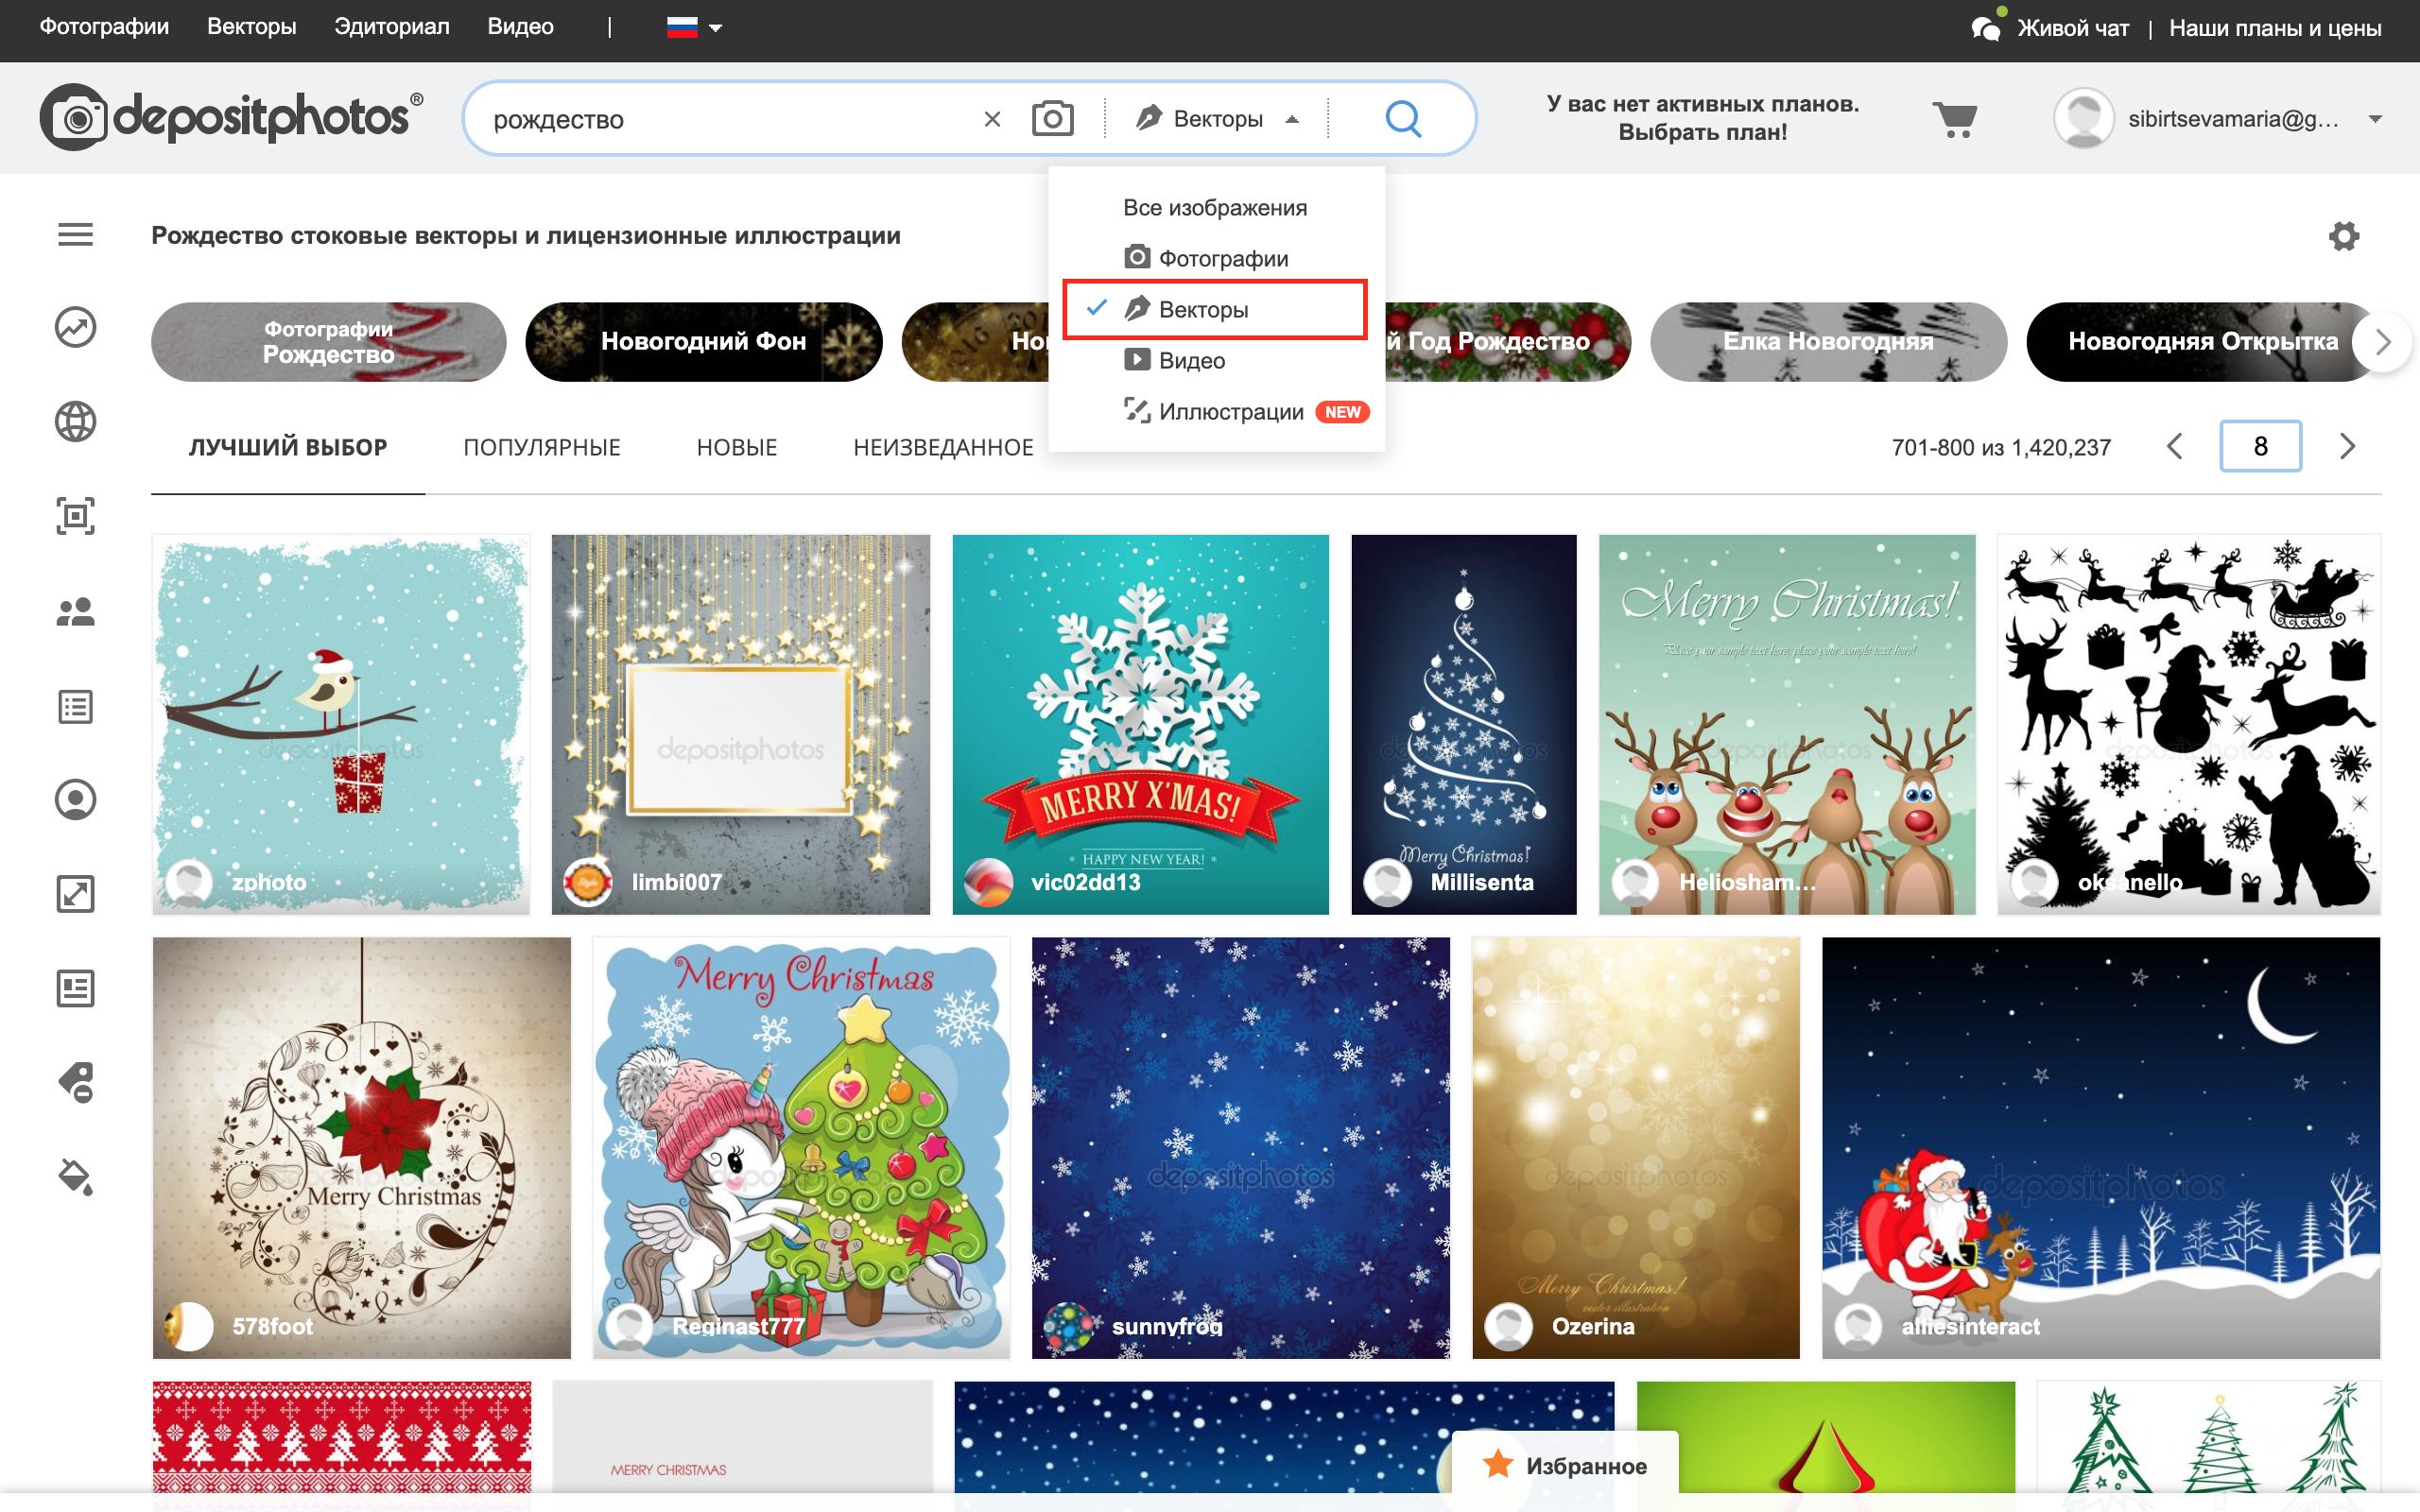 На Depositphotos теперь есть новый фильтр для поиска иллюстраций